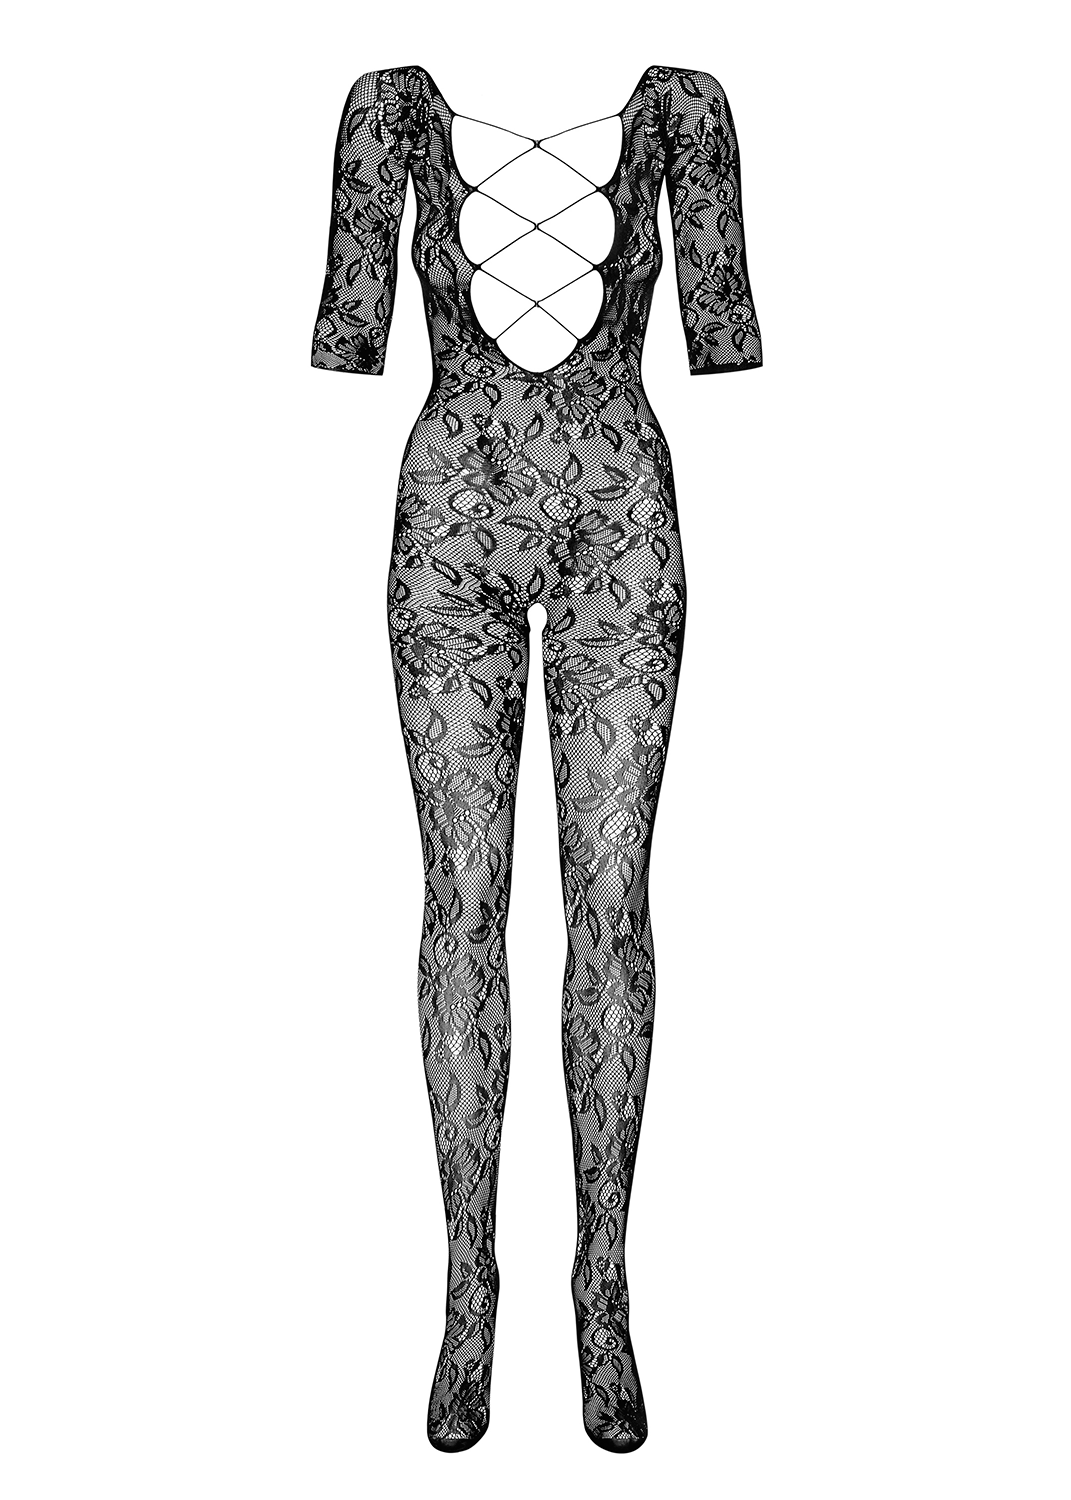 Эротическое белье Bodystocking f 200 вид 1